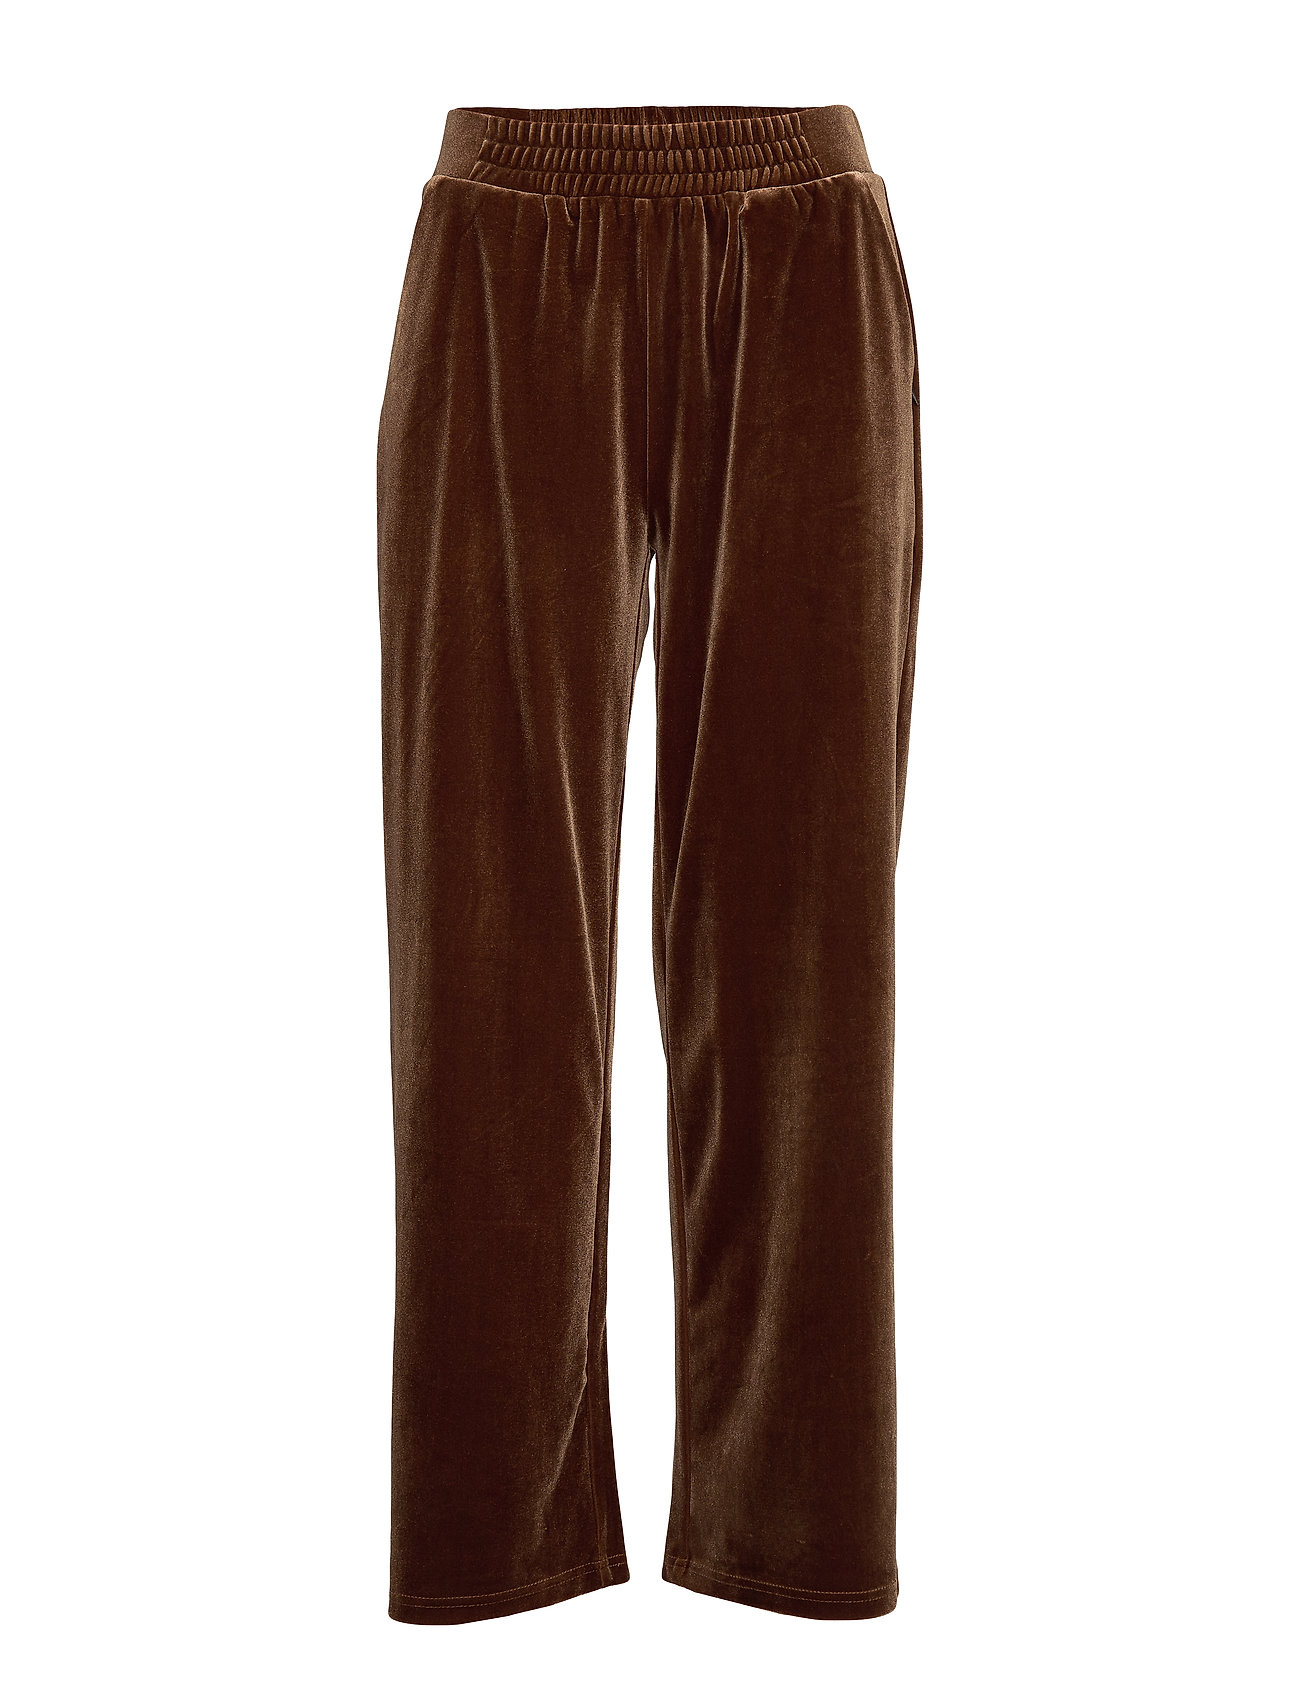 Coster Copenhagen Pants in velvet - COGNAC